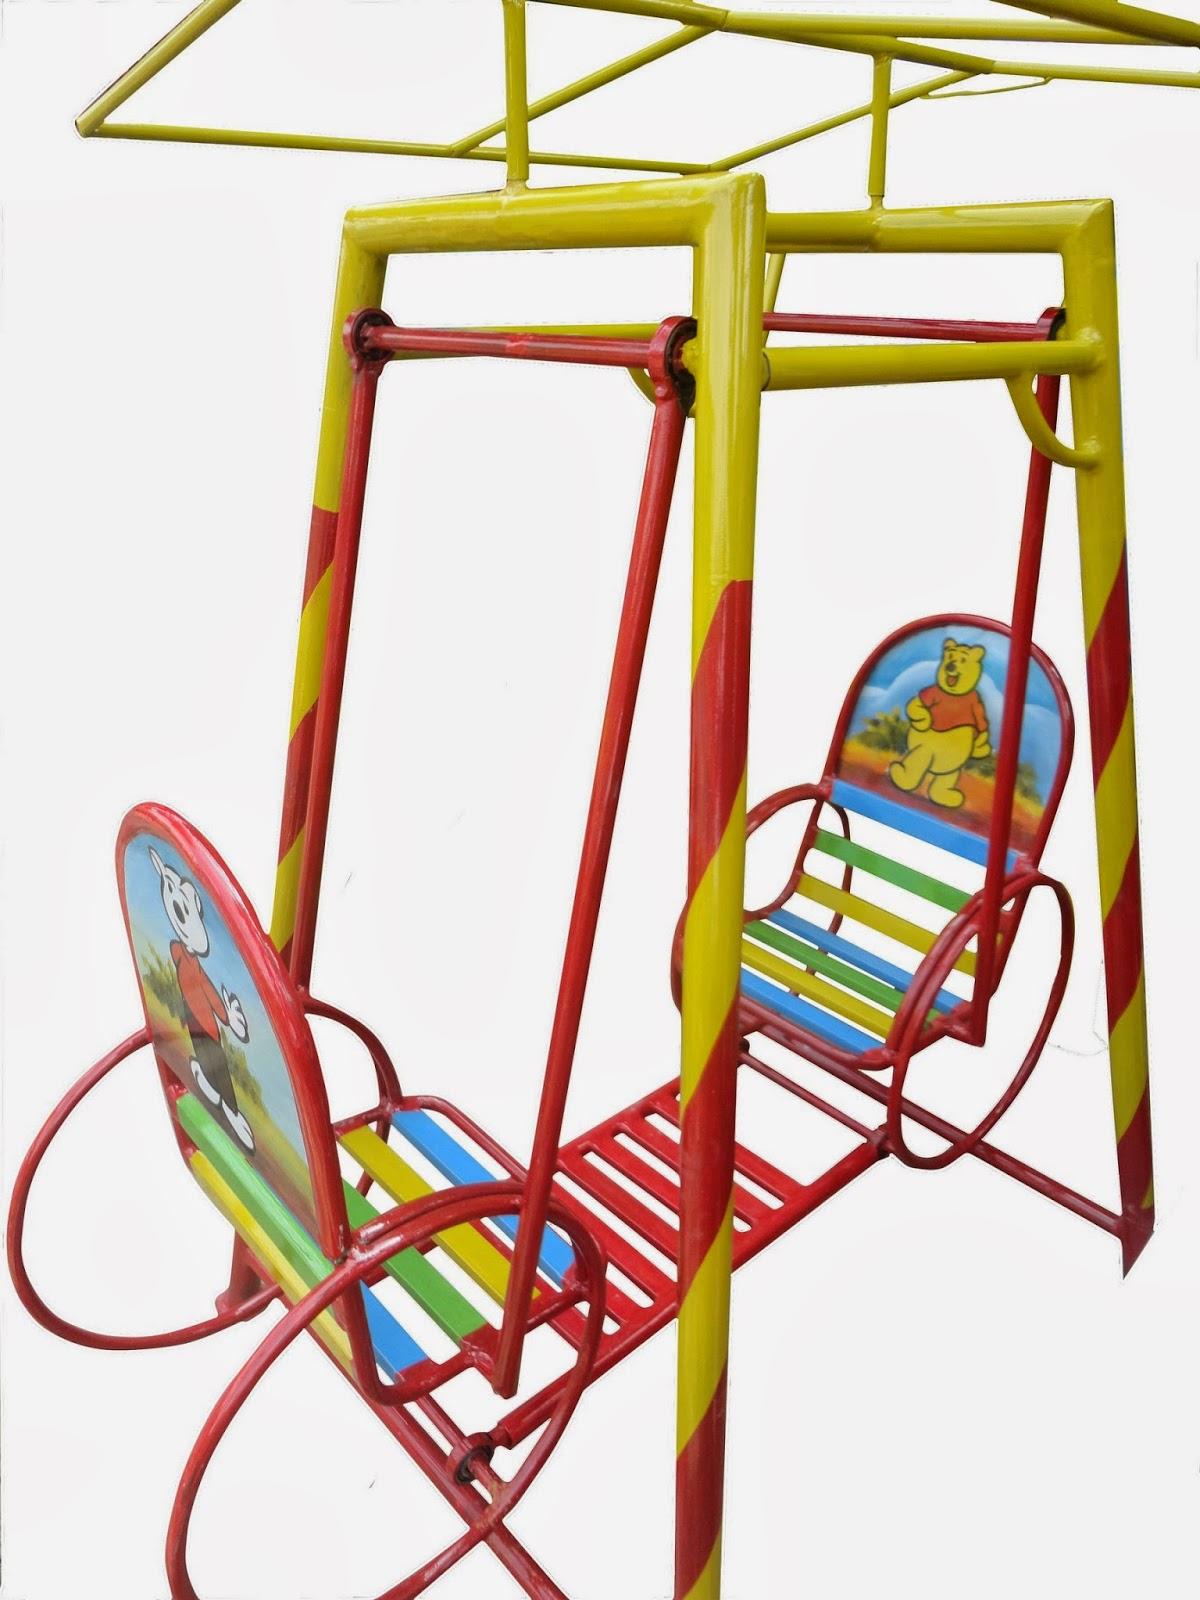 mainan outdoor murah dan berkualitas